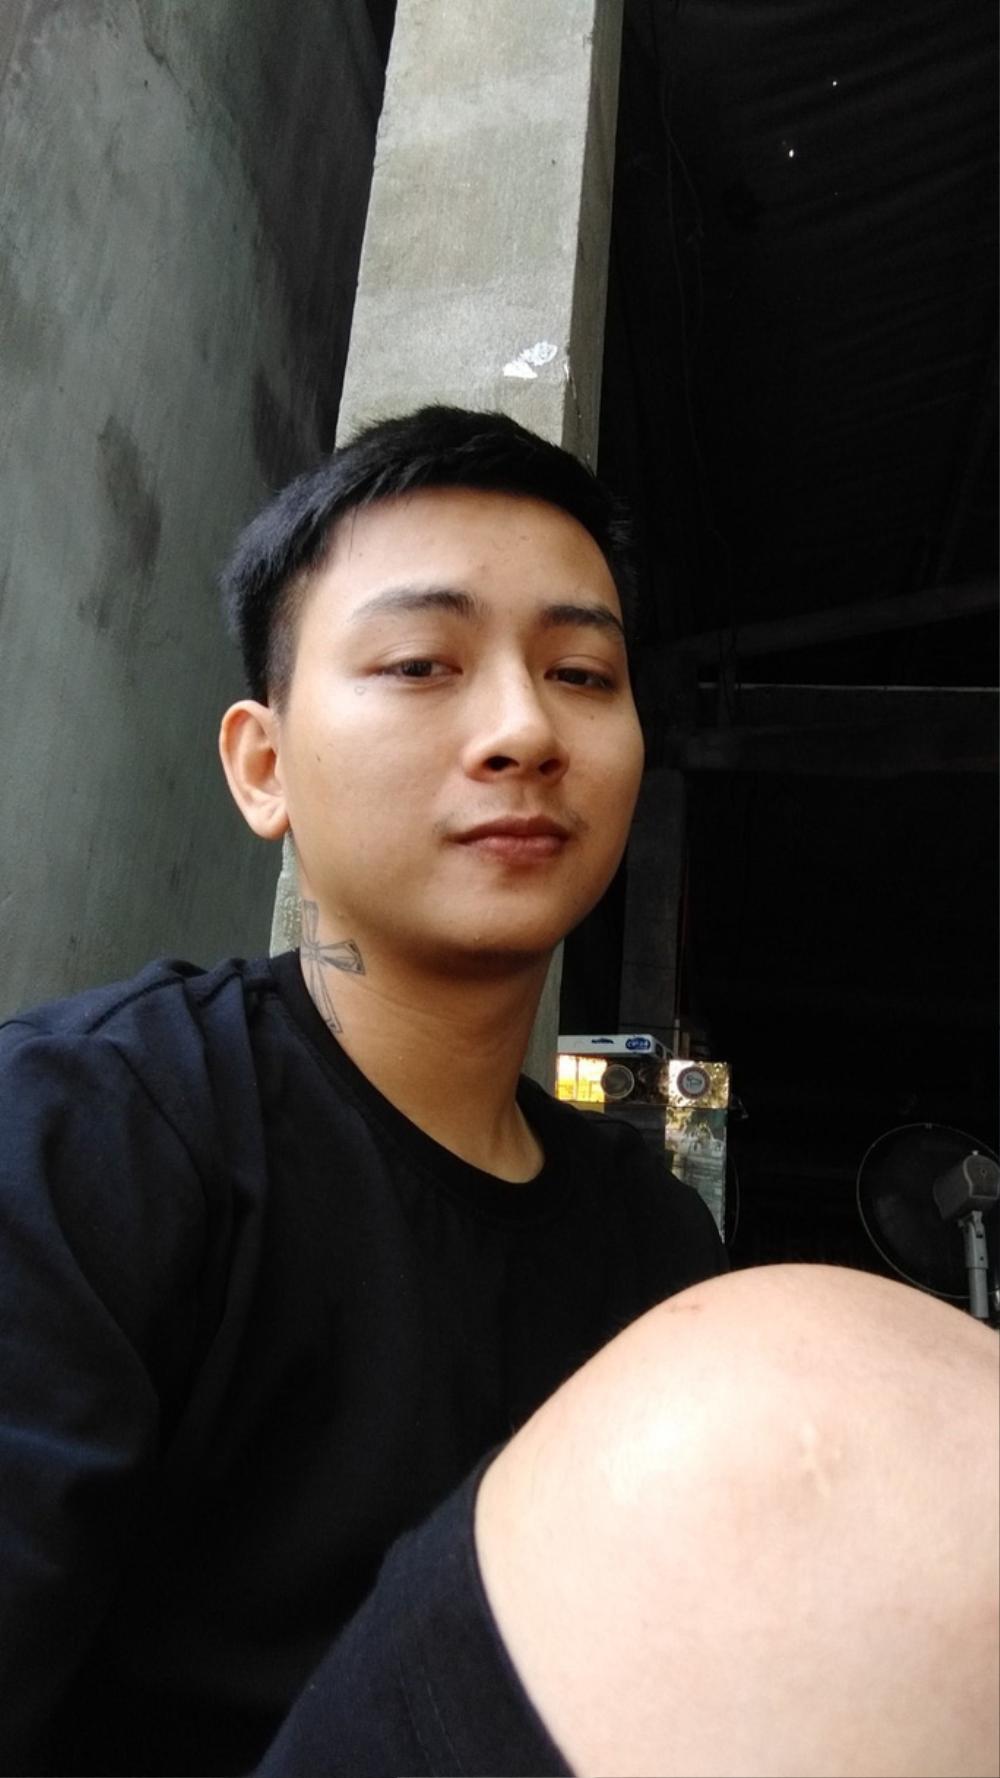 Vai trò của Hoài Lâm trong nhóm nhạc mới: Không chỉ hát chính mà kiêm luôn cả rapper Ảnh 4